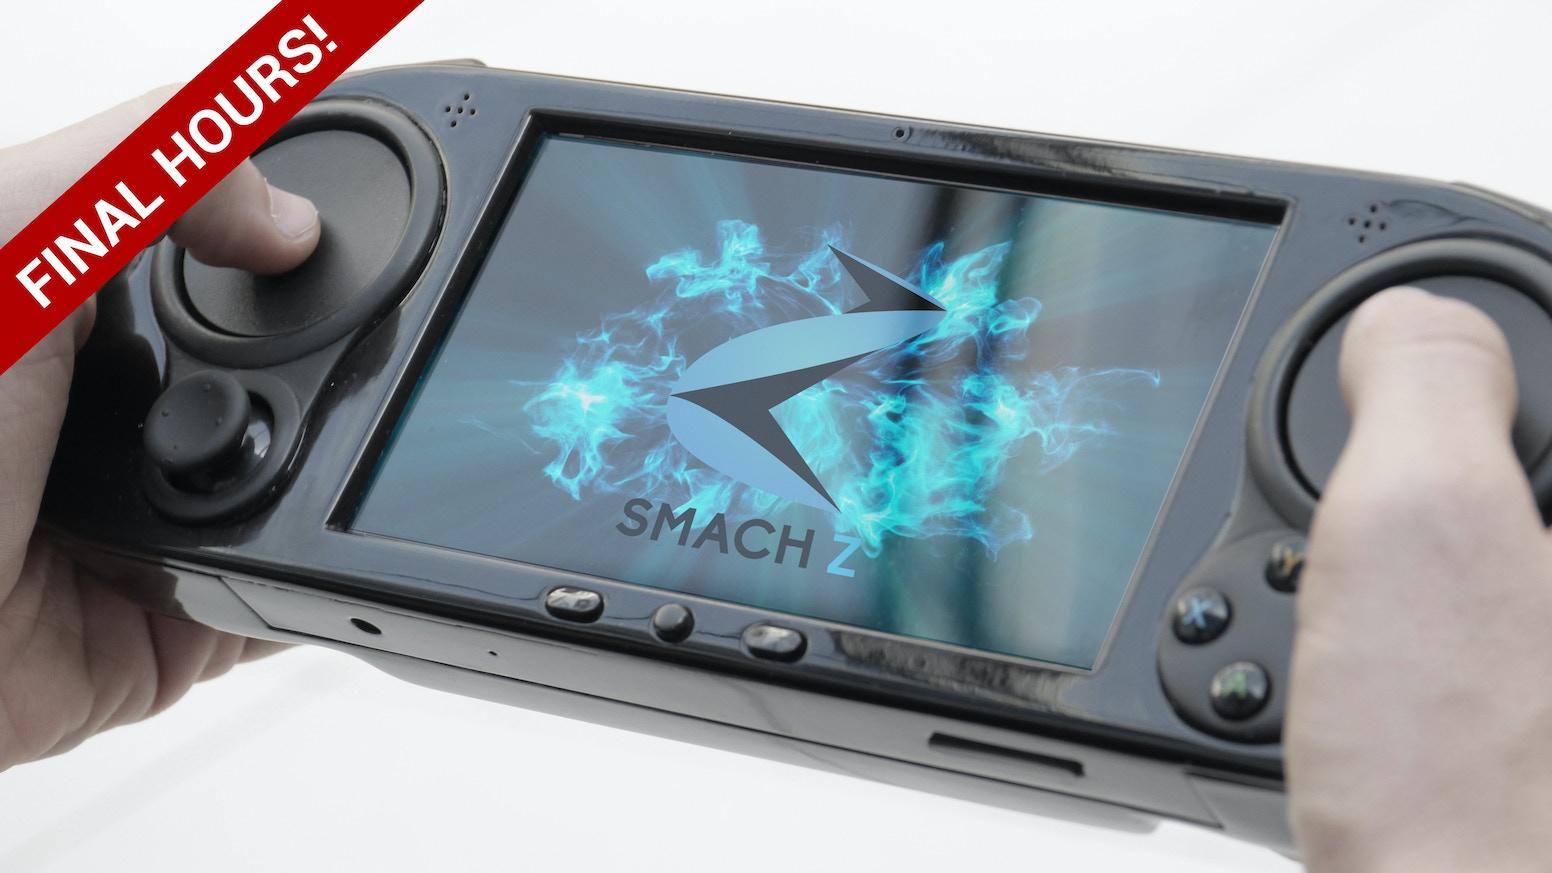 SMACH Z The Handheld Gaming PC By SMACH Team Kickstarter - Minecraft spiele ps vita